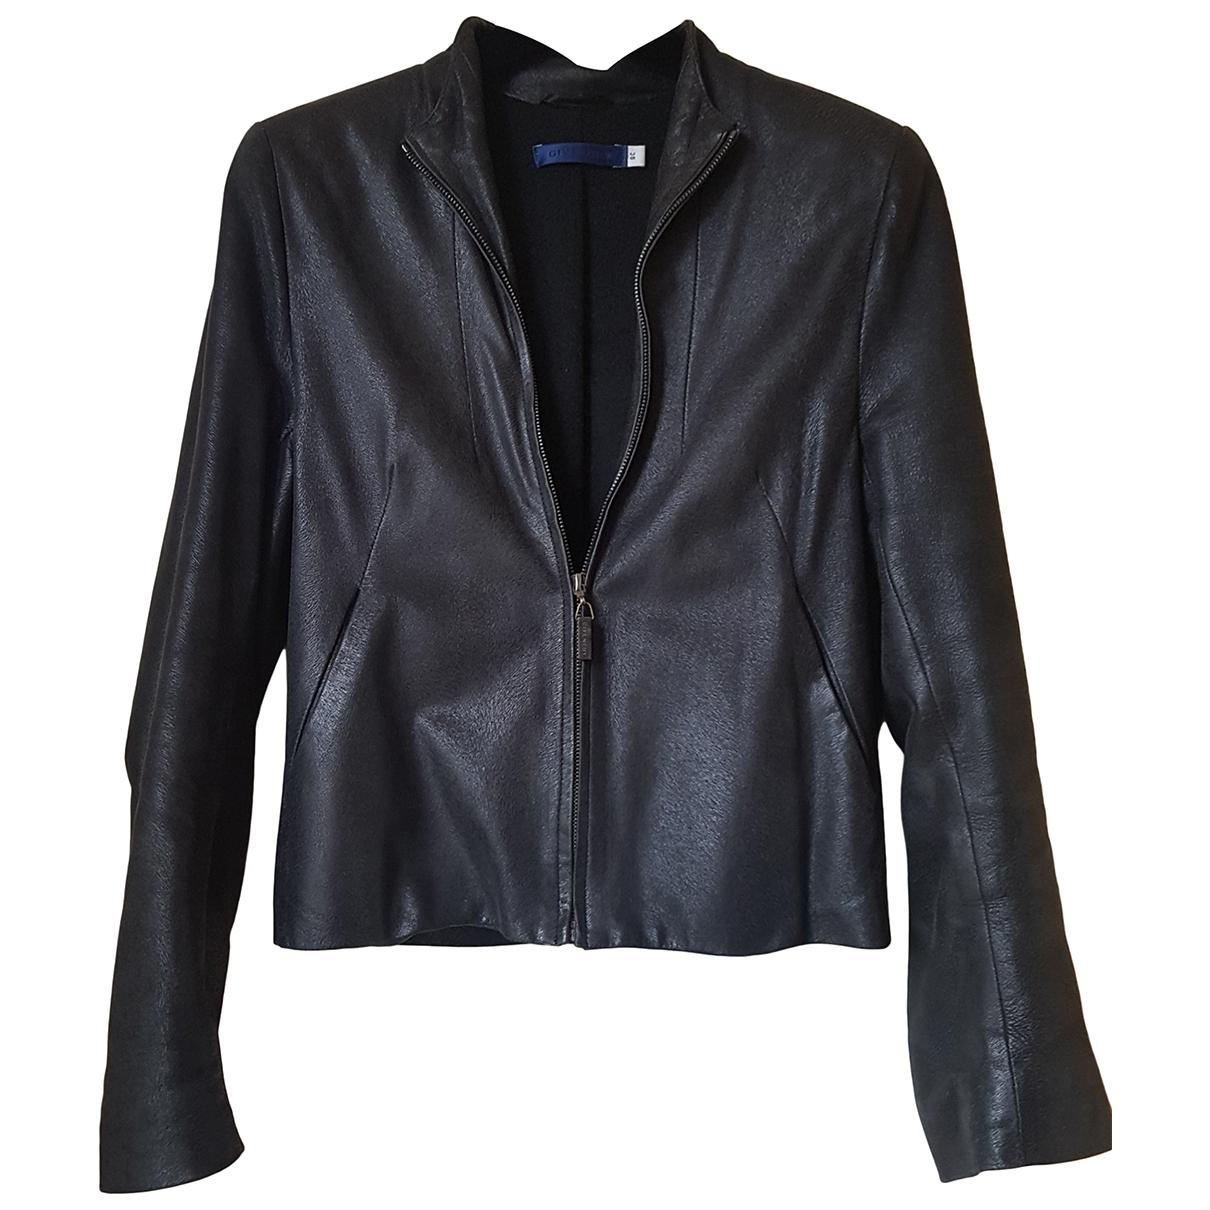 Givenchy - Blouson   pour femme en cuir - anthracite